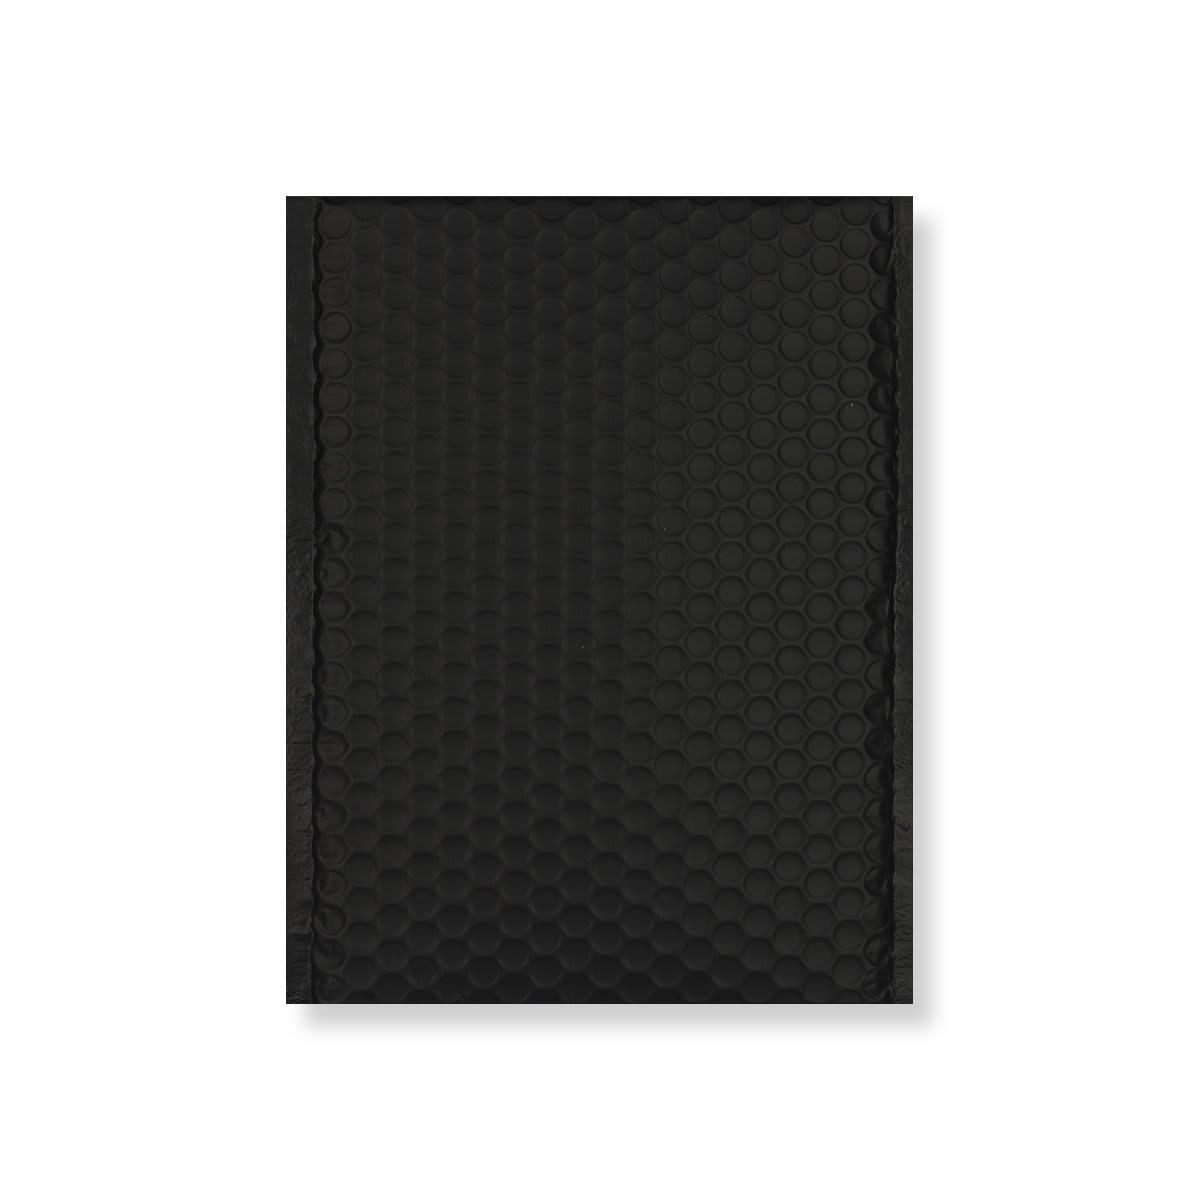 C4 MATT METALLIC BLACK PADDED ENVELOPES (324 x 230MM)